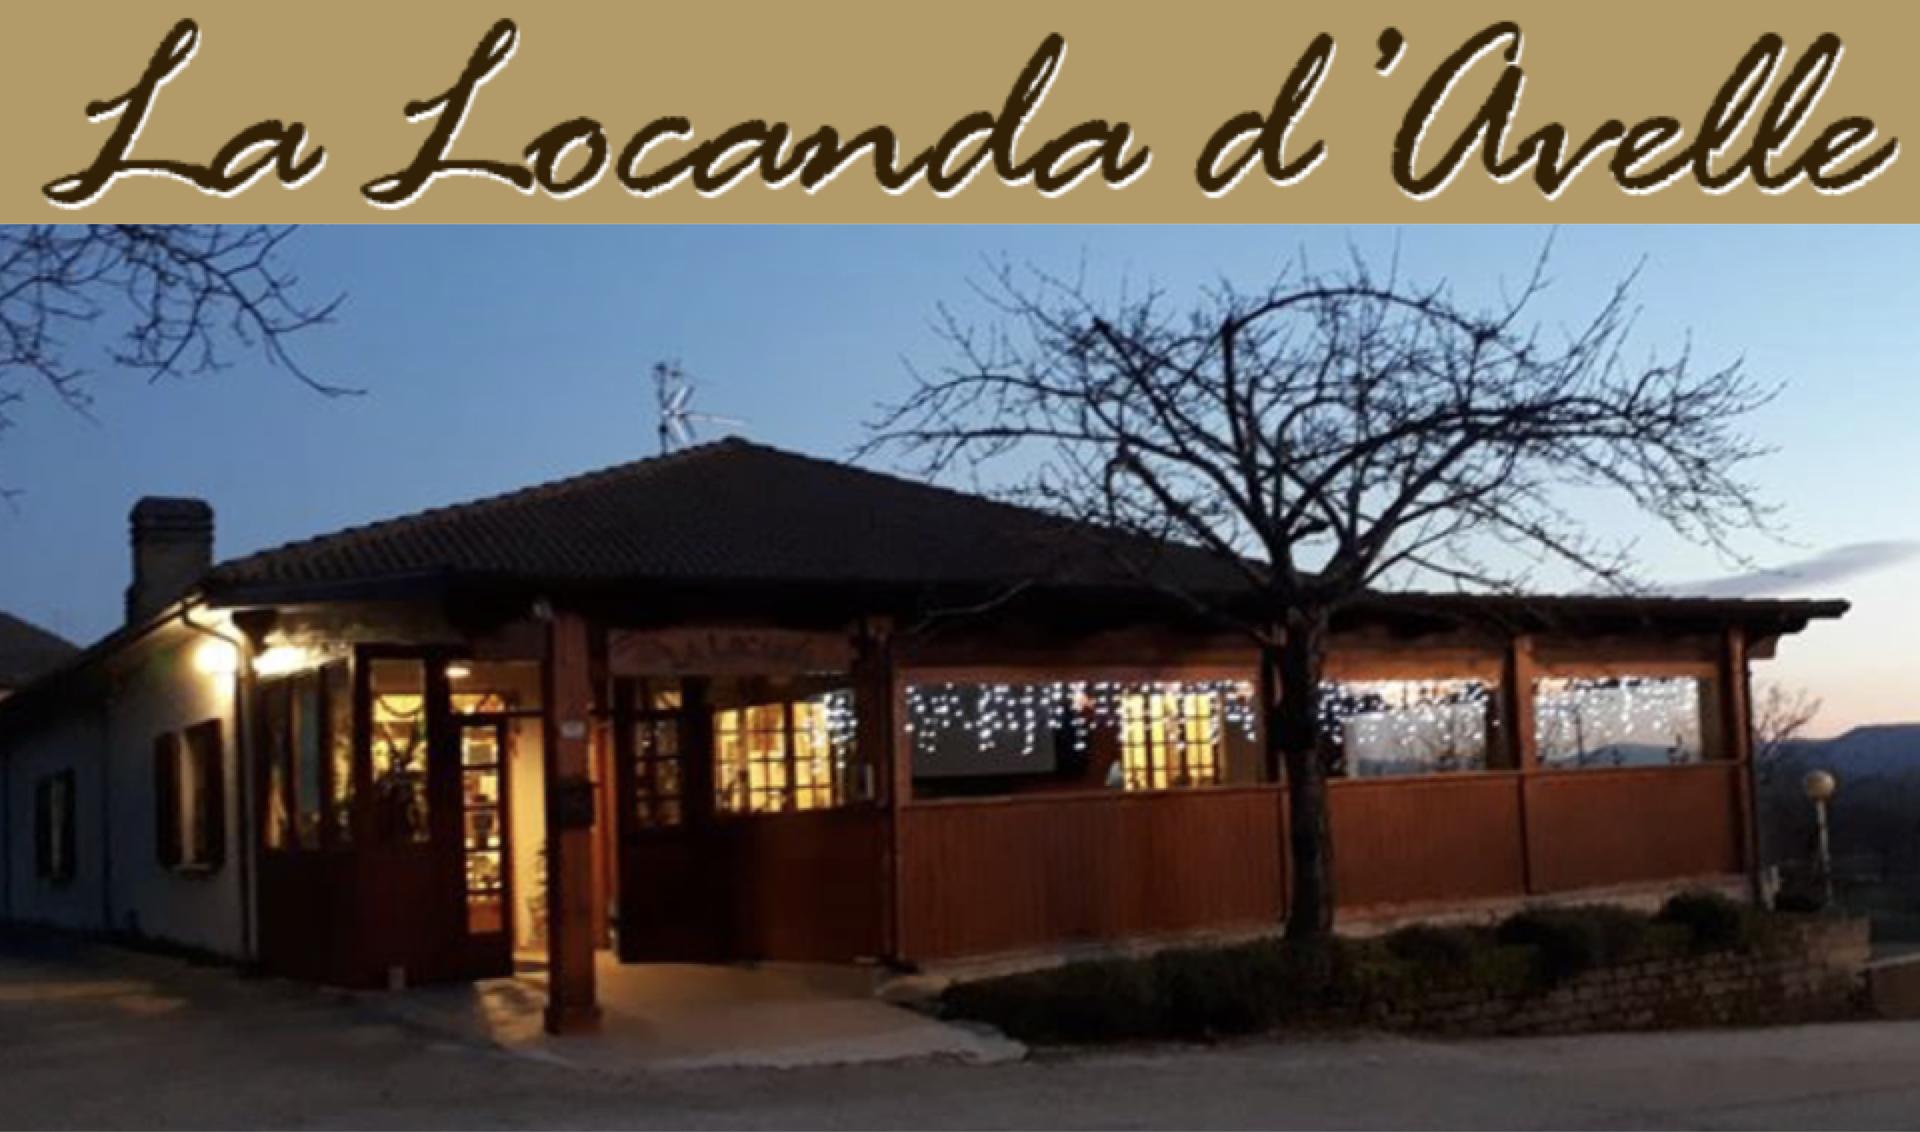 LA LOCANDA D'AVELLE - Via Fossa Secca, 17 - COSTACCIARO (Pg)Tel. +39 075.9170351 Mob. +39 328.3519242www.lalocandadavelle.it lalocandadavelle@hotmail.com